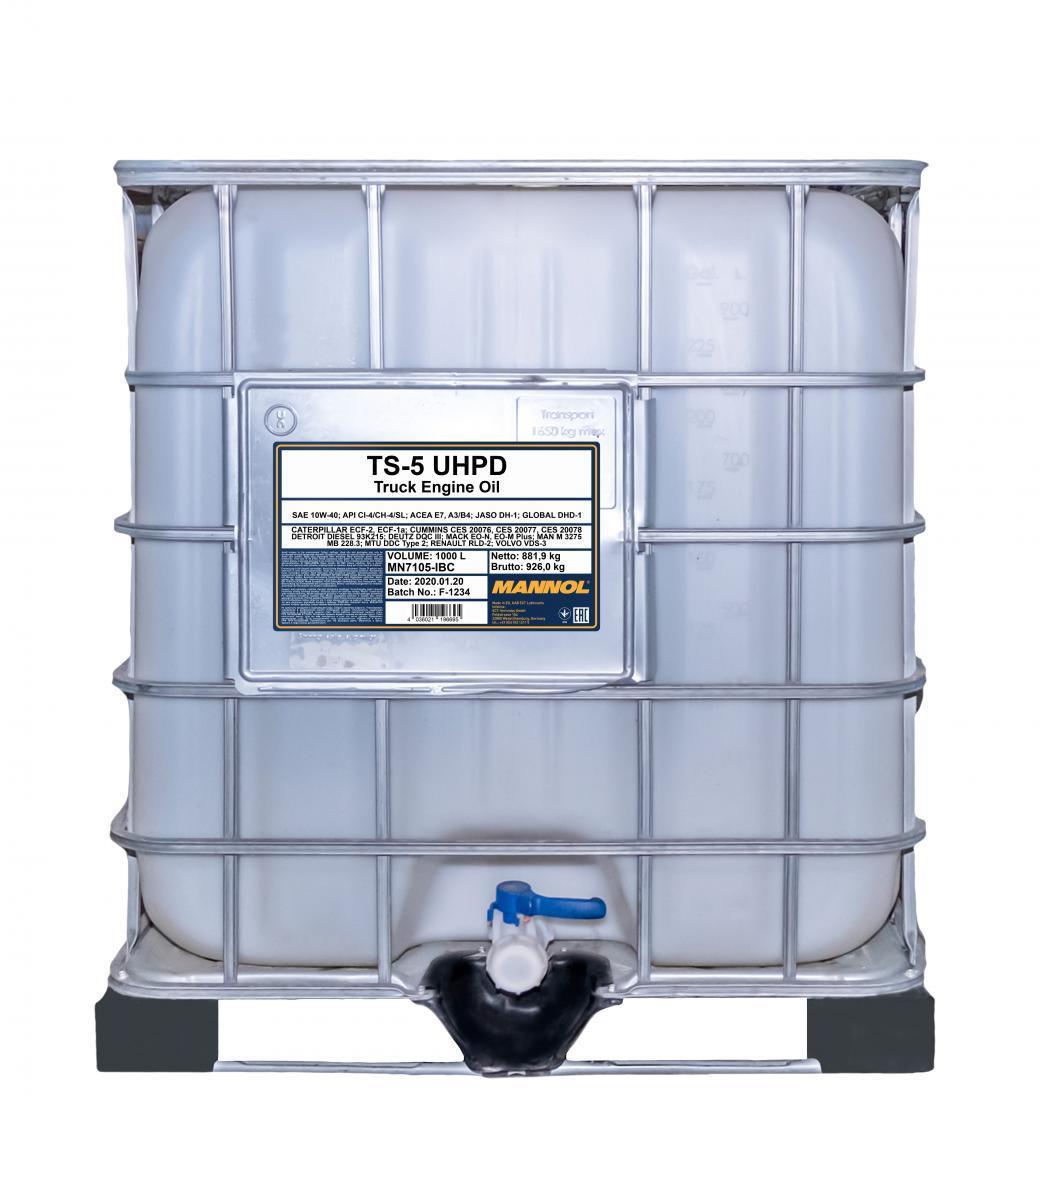 MN7105-IBC MANNOL TS-5, UHPD 10W-40, 1000l Motoröl MN7105-IBC günstig kaufen